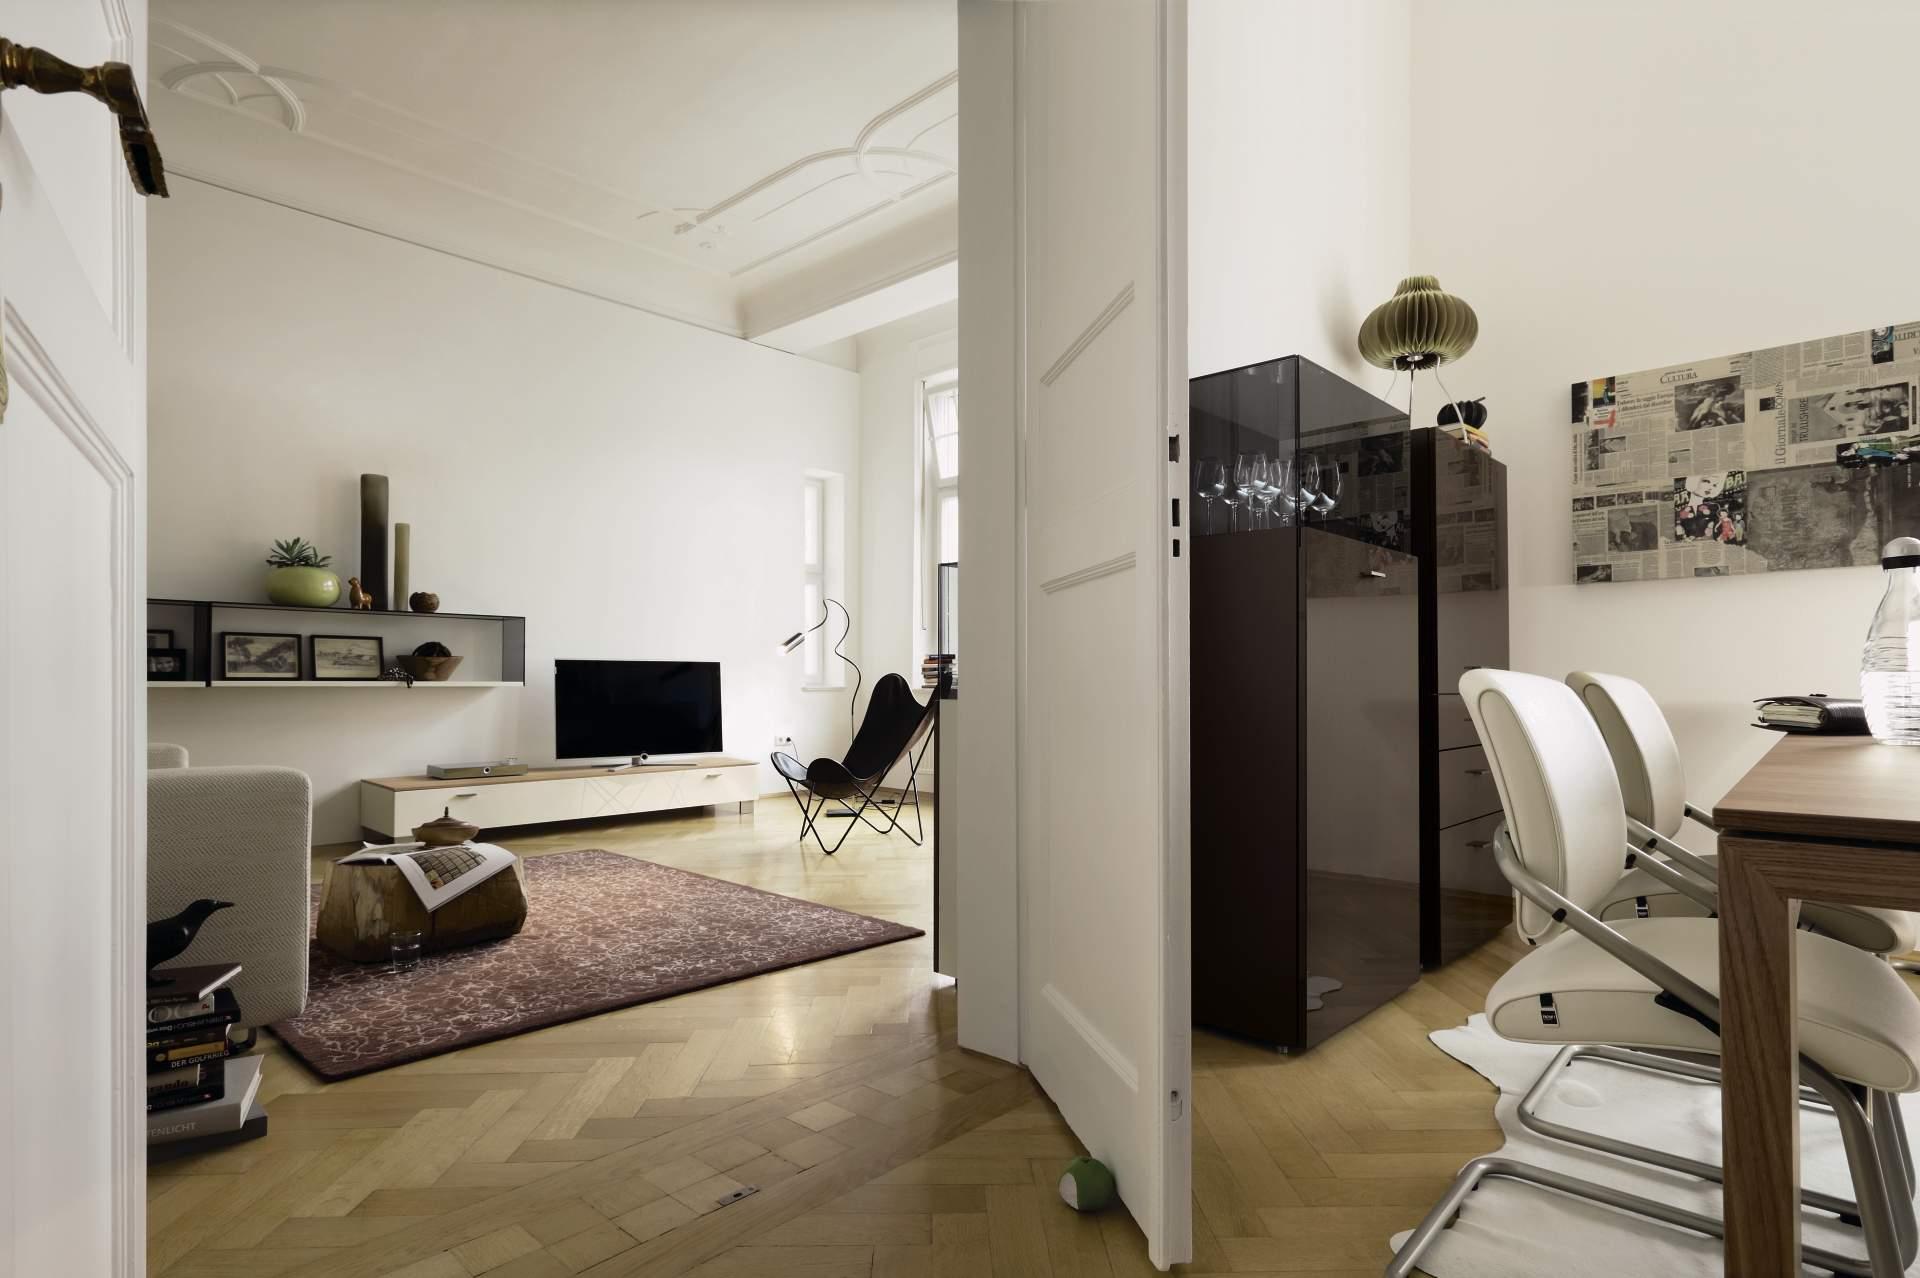 h lsta now h ls die einrichtung. Black Bedroom Furniture Sets. Home Design Ideas